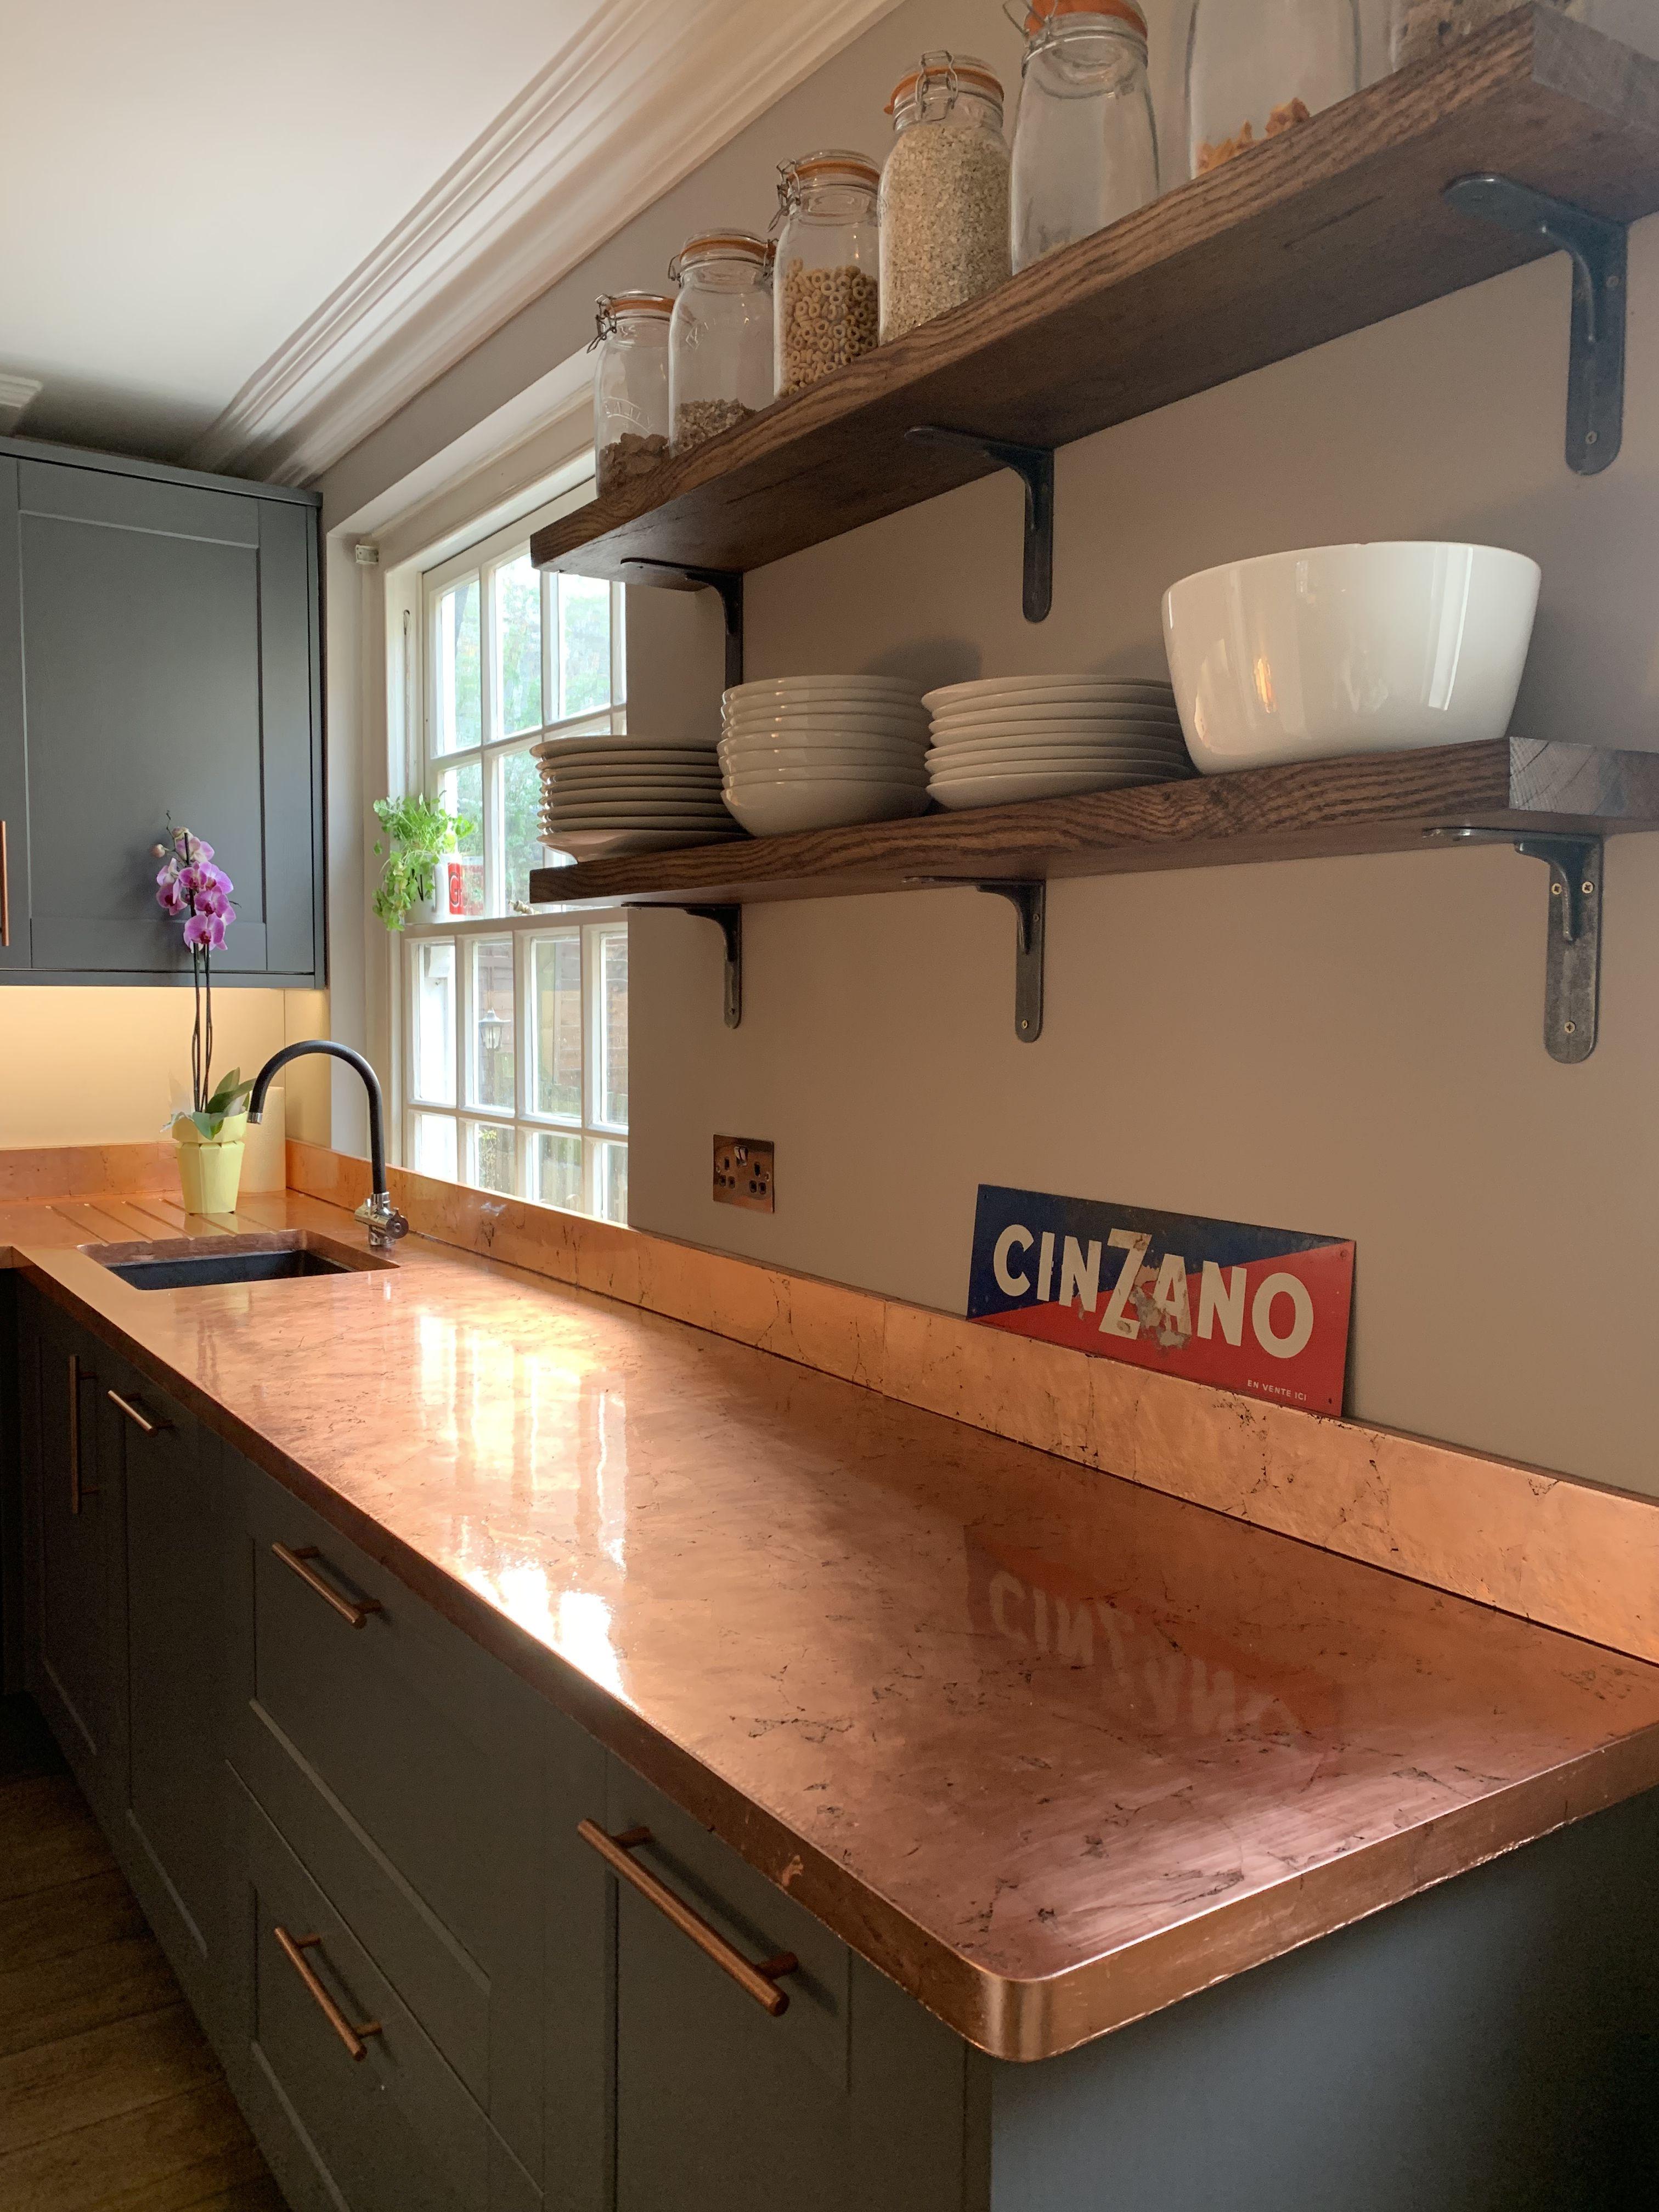 Copper Kitchen Counter Worktop Kitchen Worktop Makeover Copper Countertops Copper Kitchen Countertop